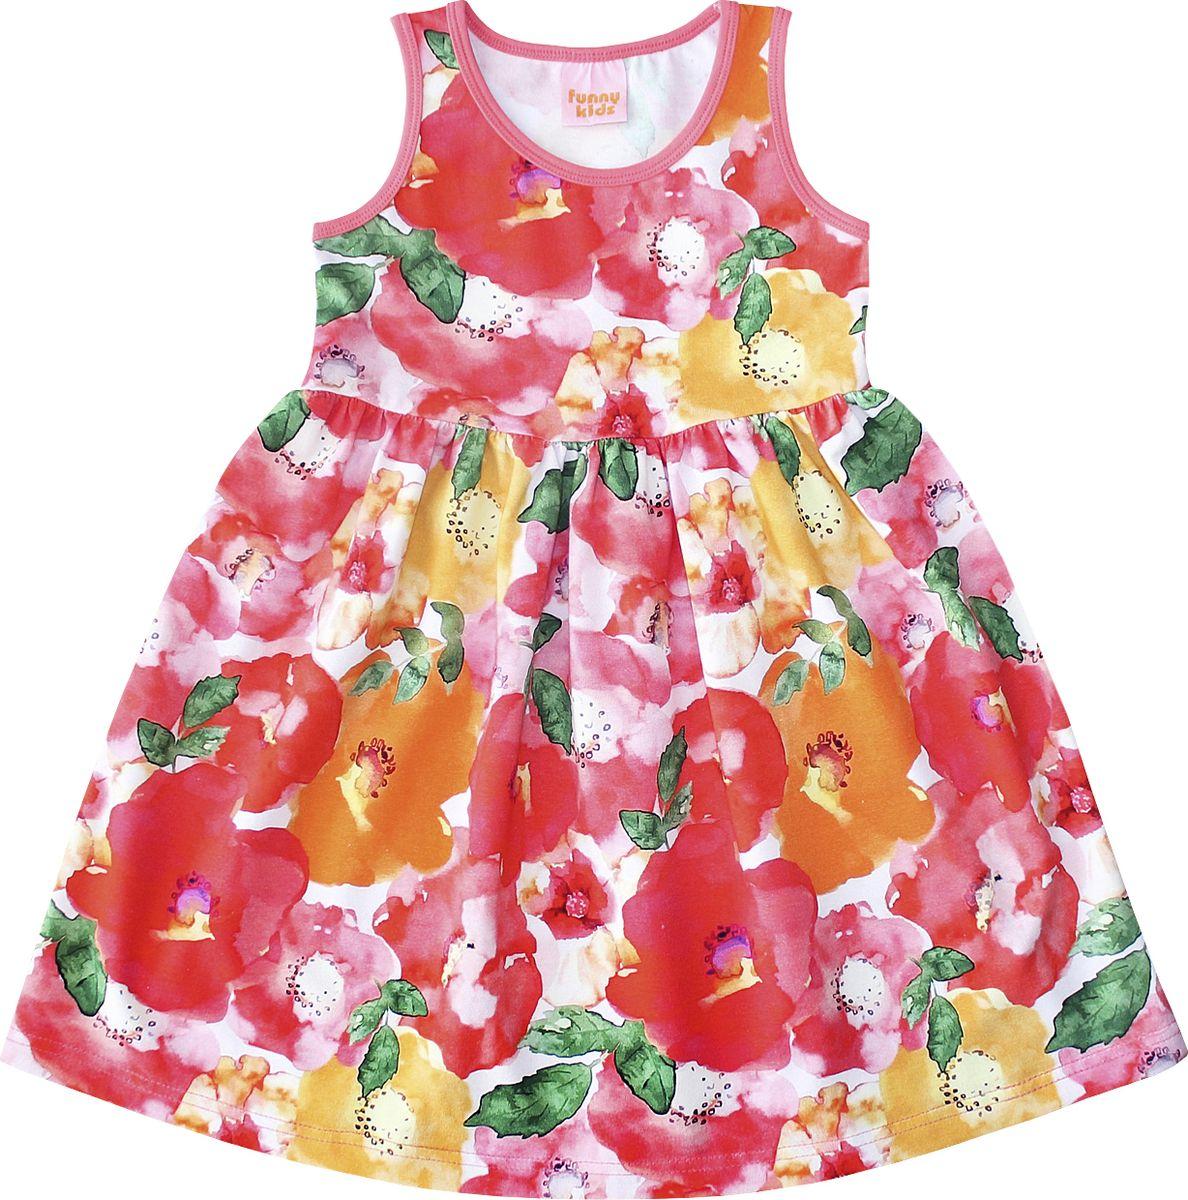 Платье для девочки Веселый малыш Дана, цвет: красный. 348172-L (1)_маки. Размер 122 стоимость